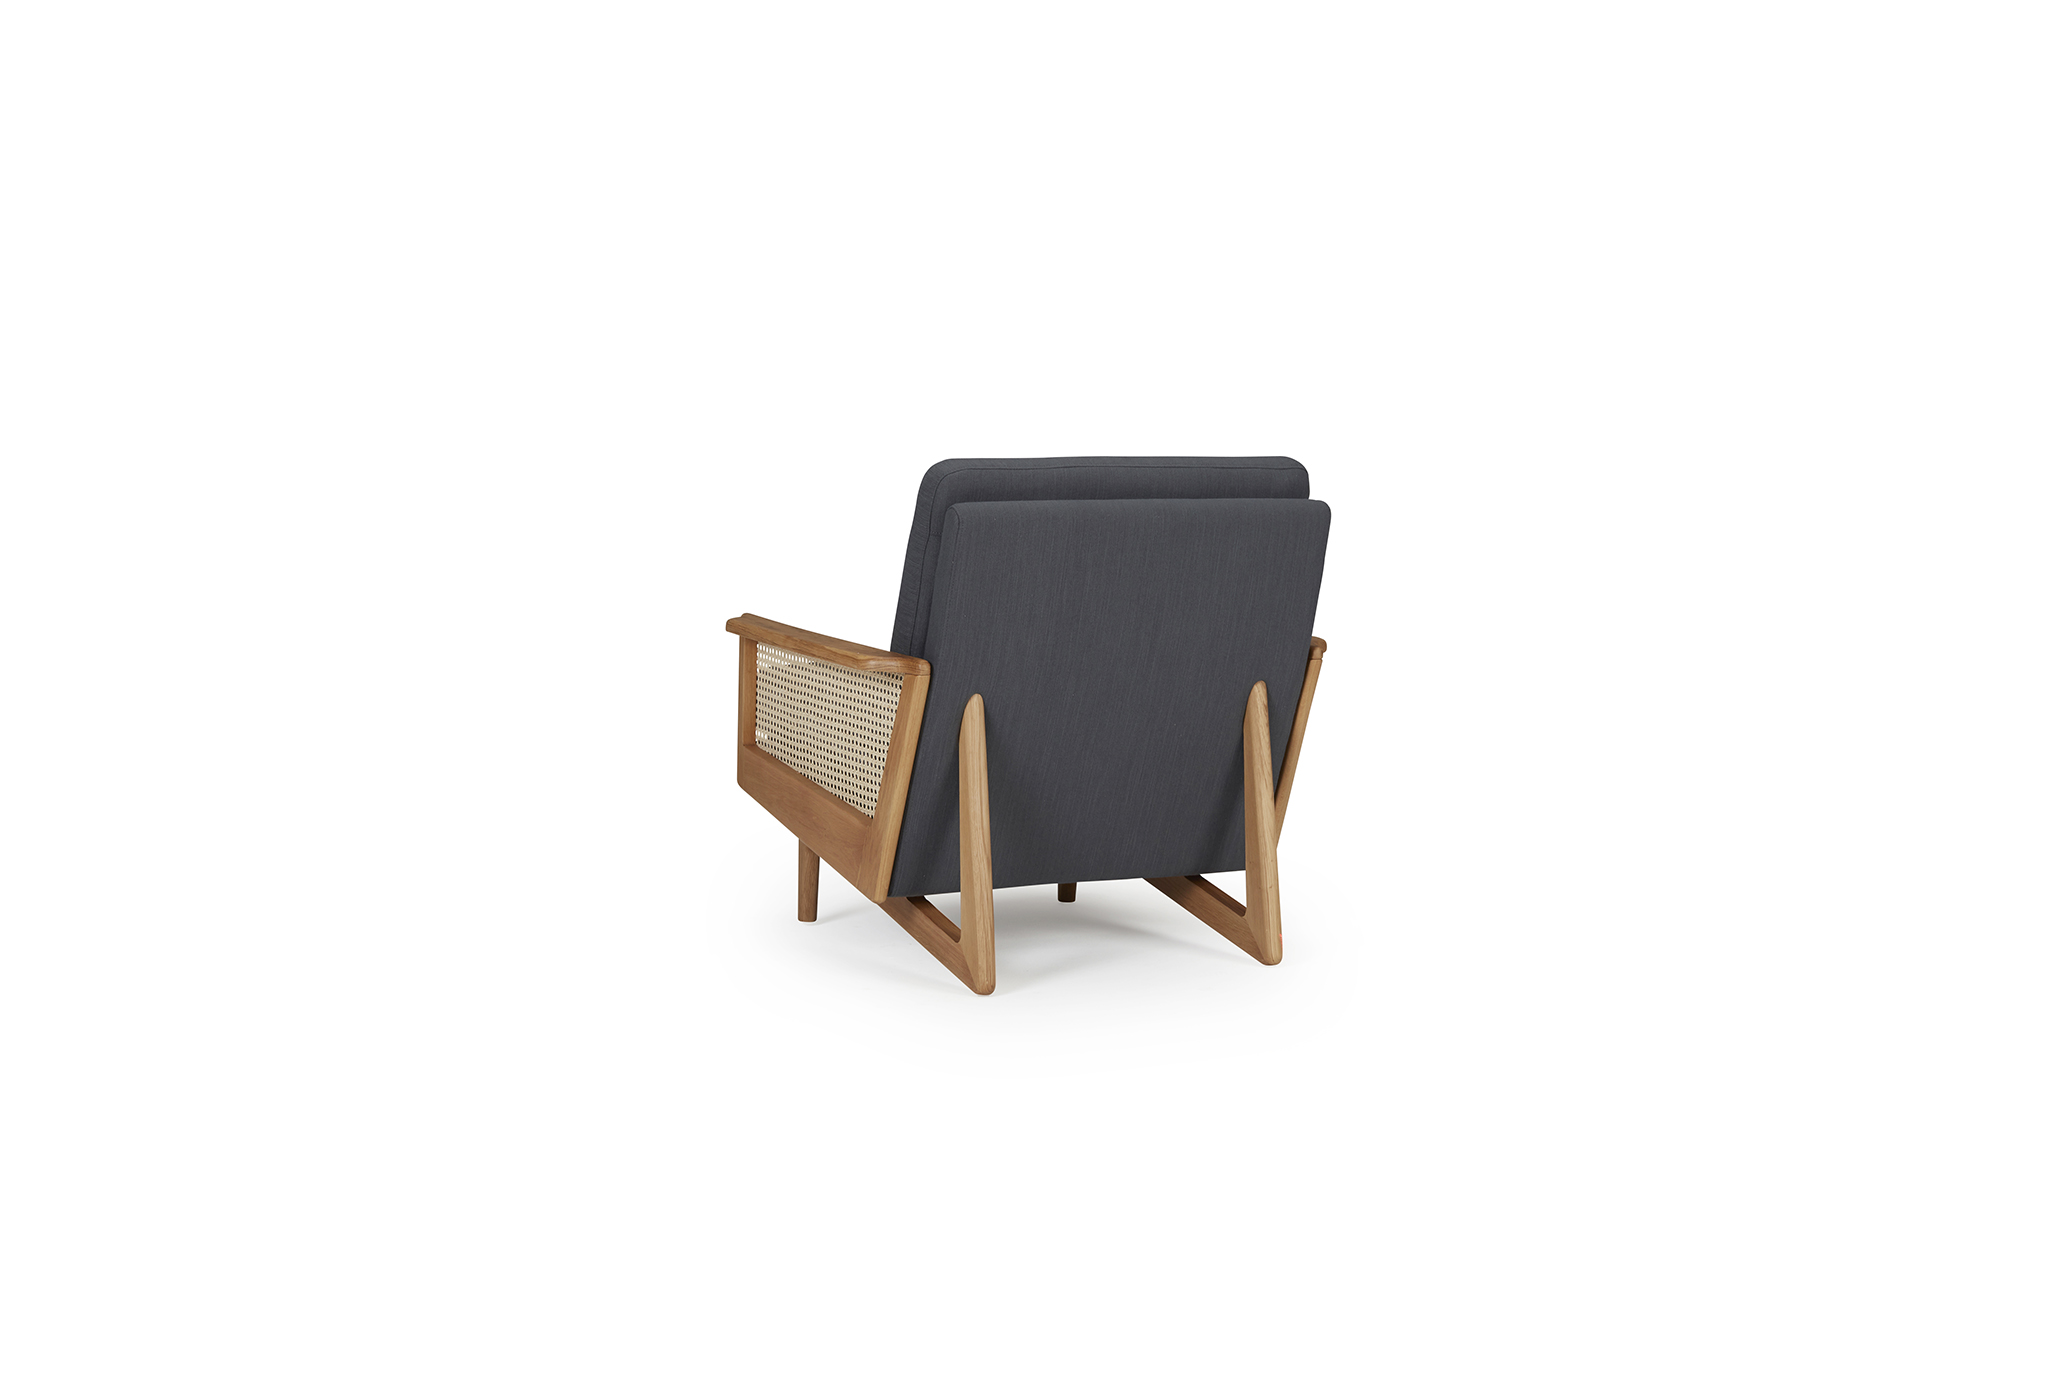 egsmark-chair-oliver-lukas-weisskrogh-4.jpg